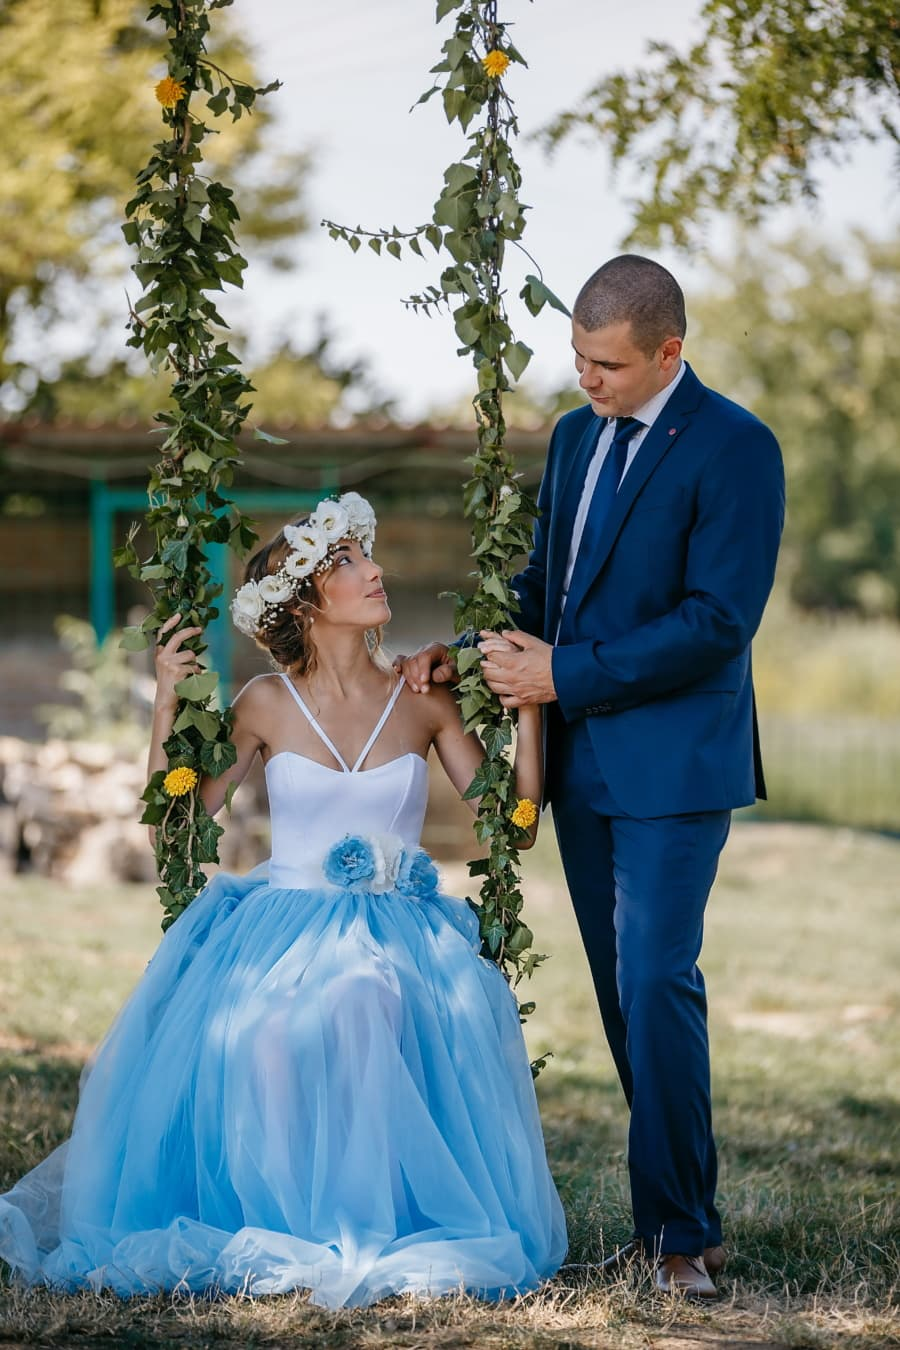 jeunes mariés, campagne, partenaires, village, amour, romance, Swing, amusement, jeune marié, marié